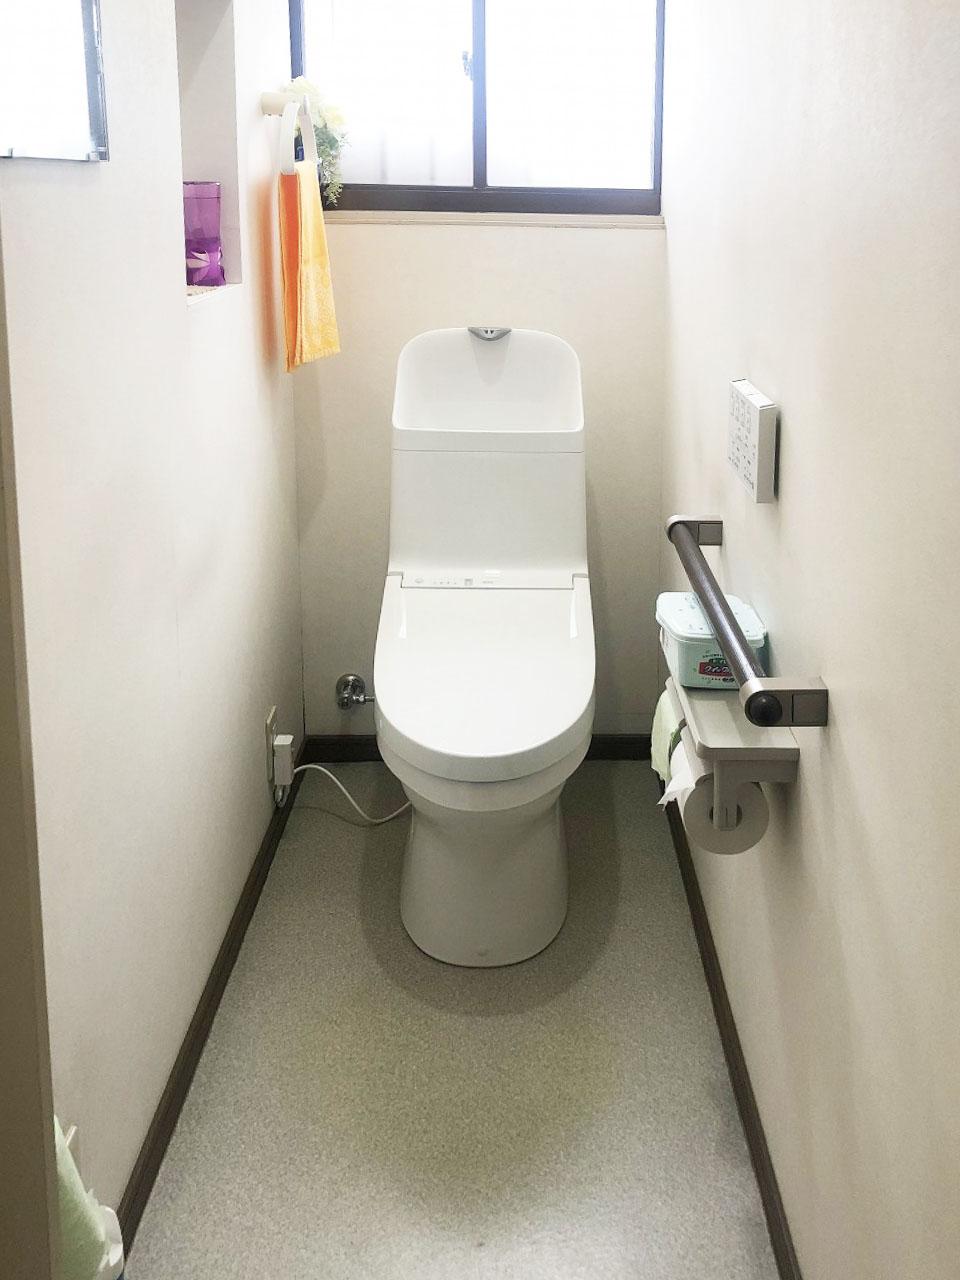 掃除のしにくいトイレとさようなら。トイレ入替え工事